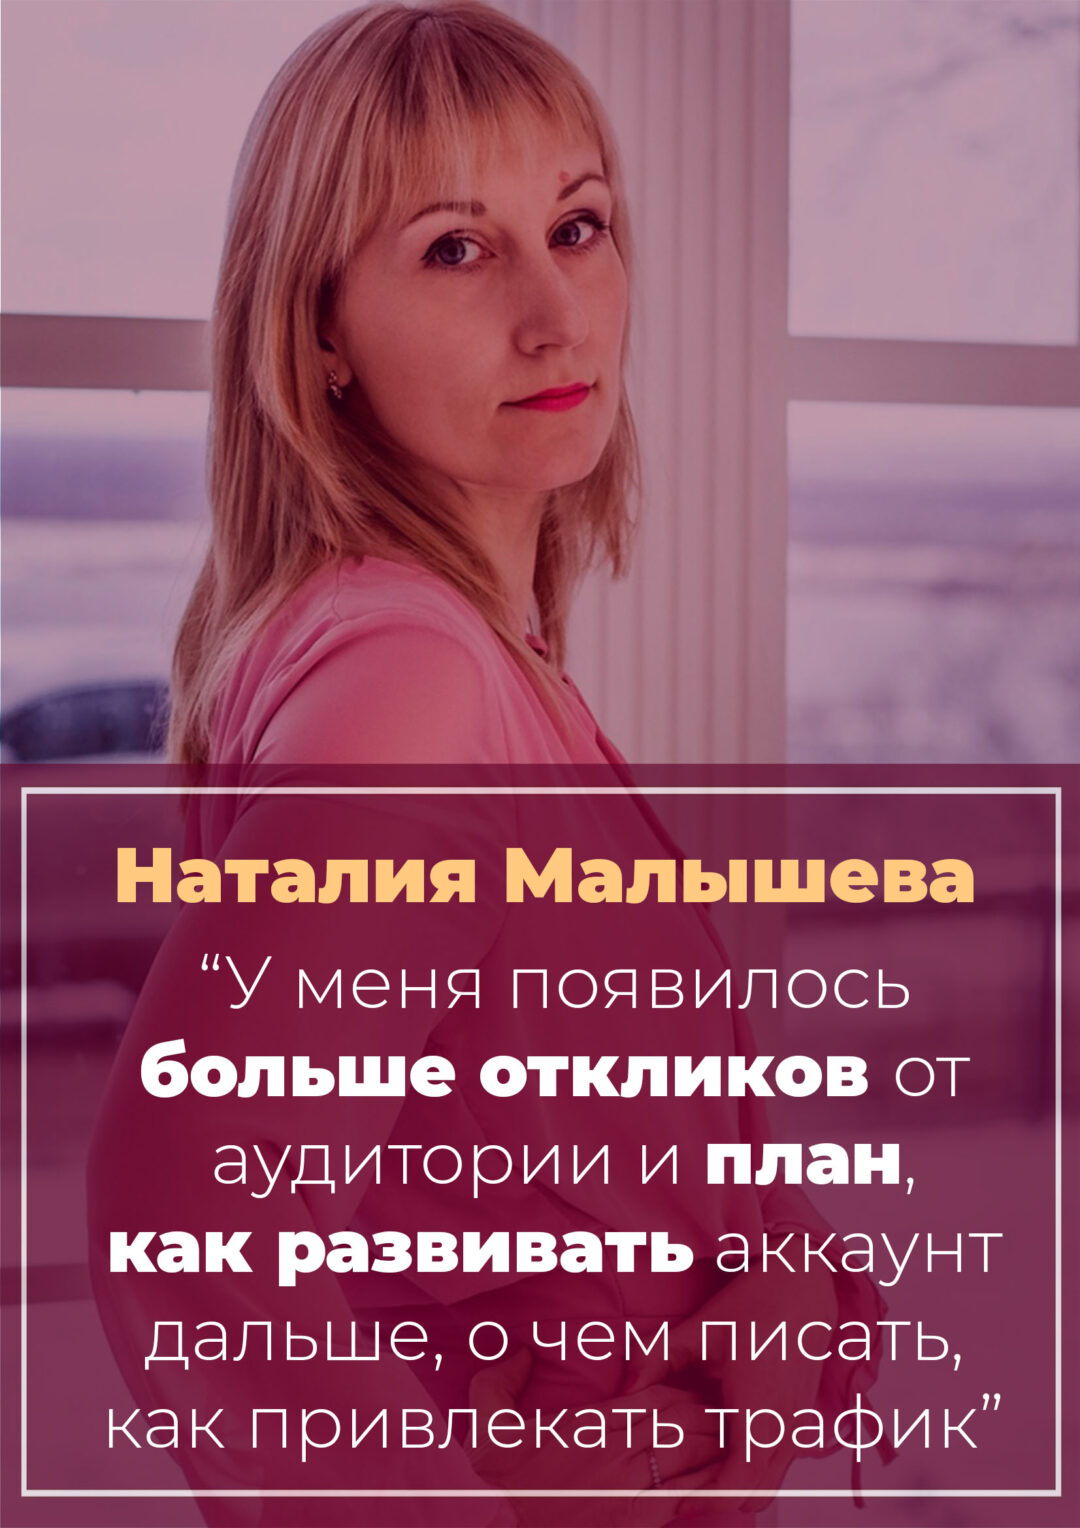 История Наталии Малышевой